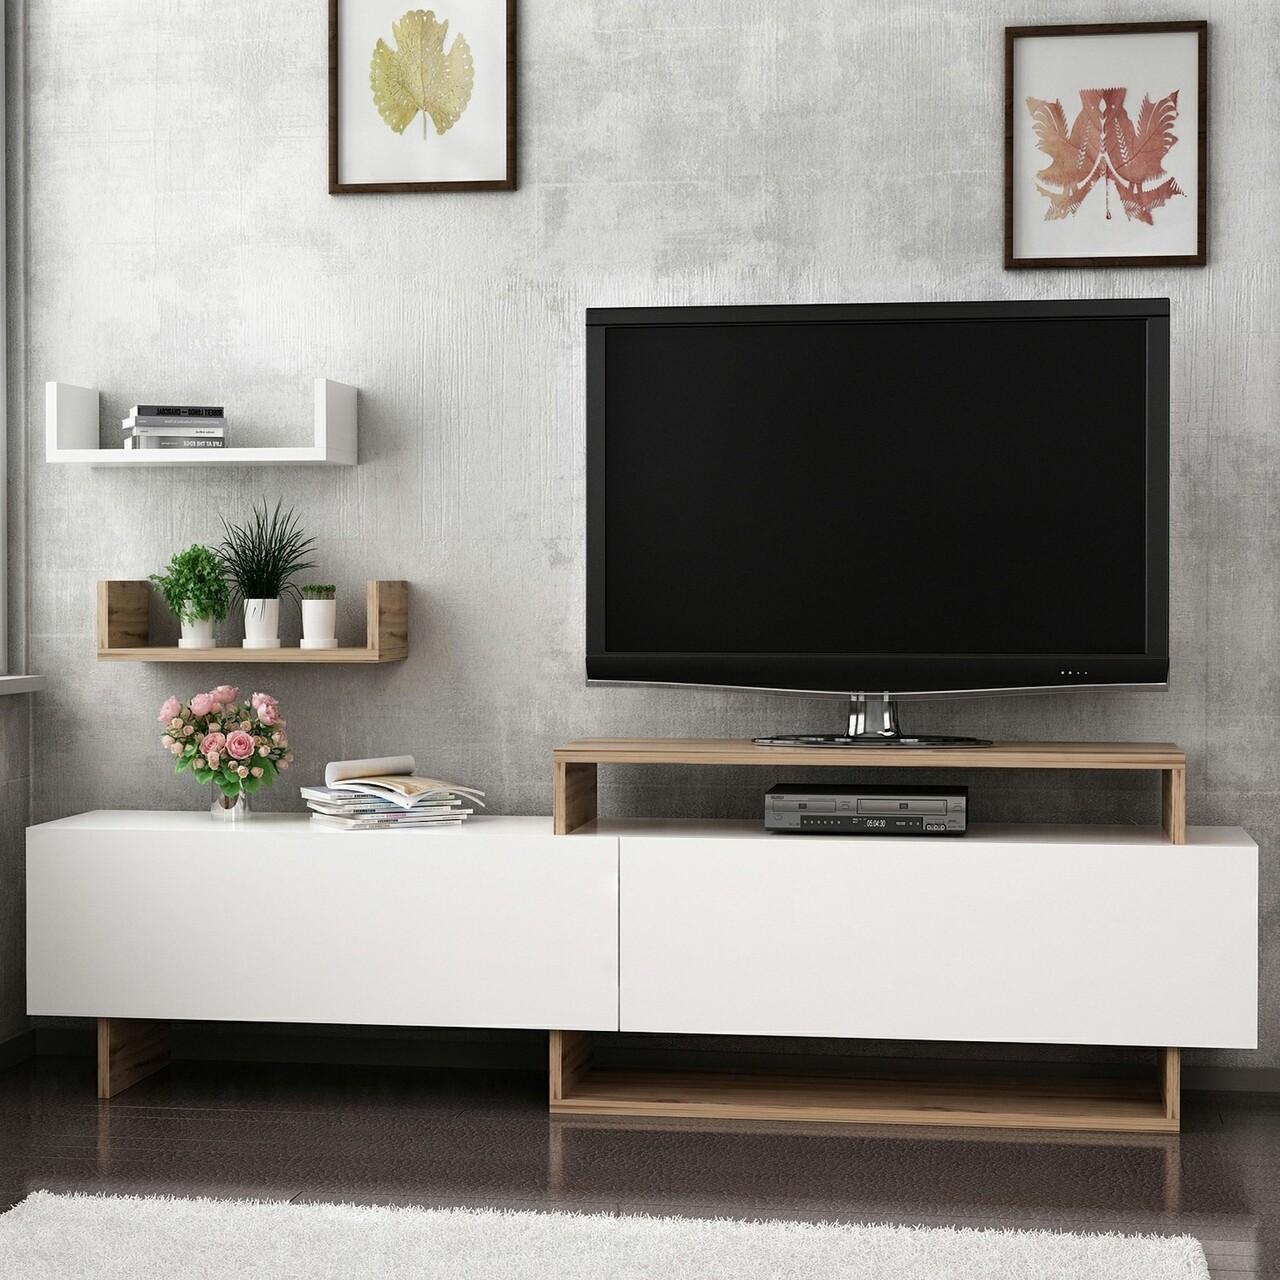 Comoda TV cu 2 rafturi de perete Zera, Maison in Design, 180 x 30 x 48 cm, natural/negru